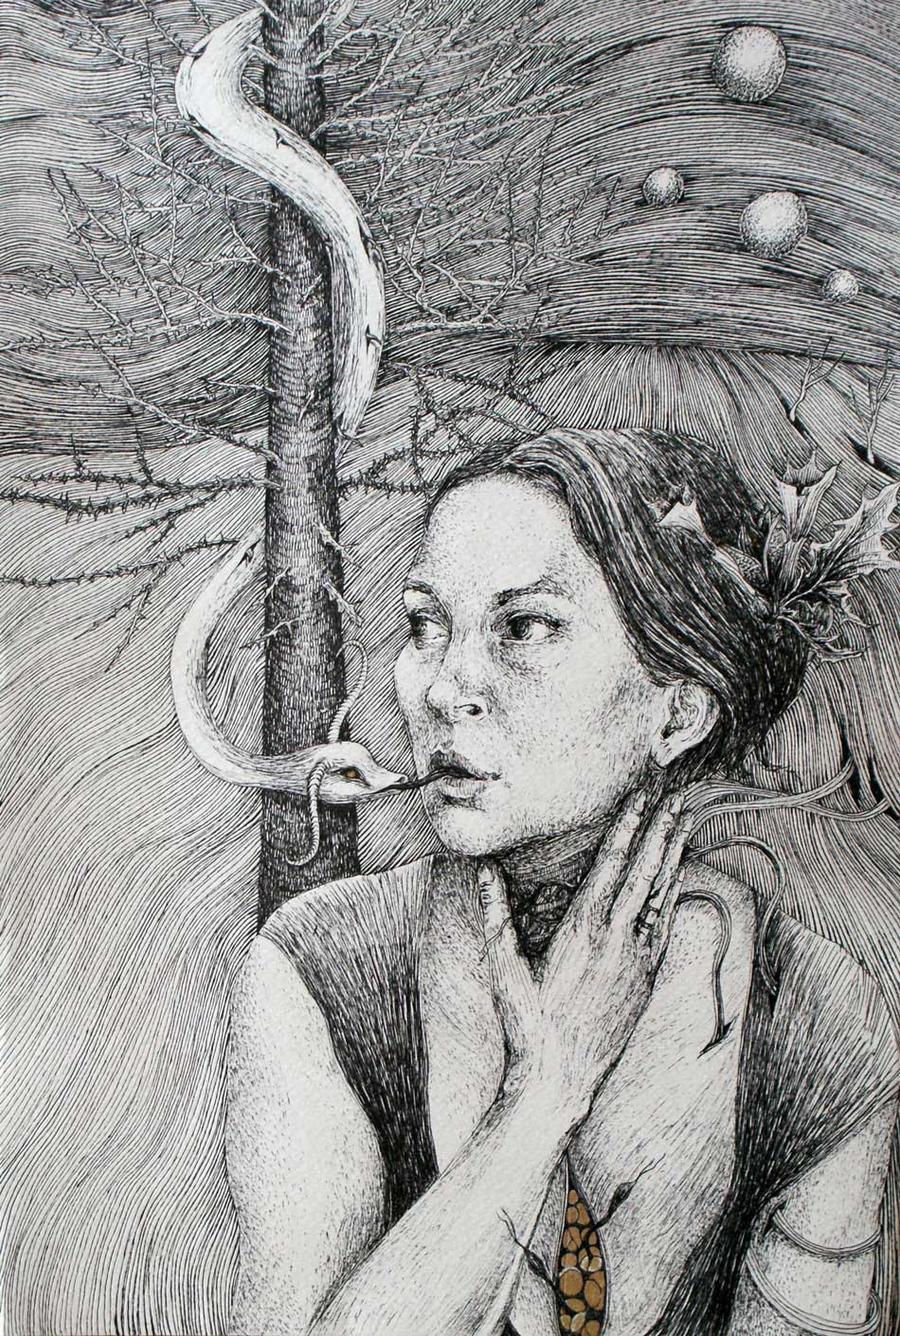 Portrait with datura by marzenaabl